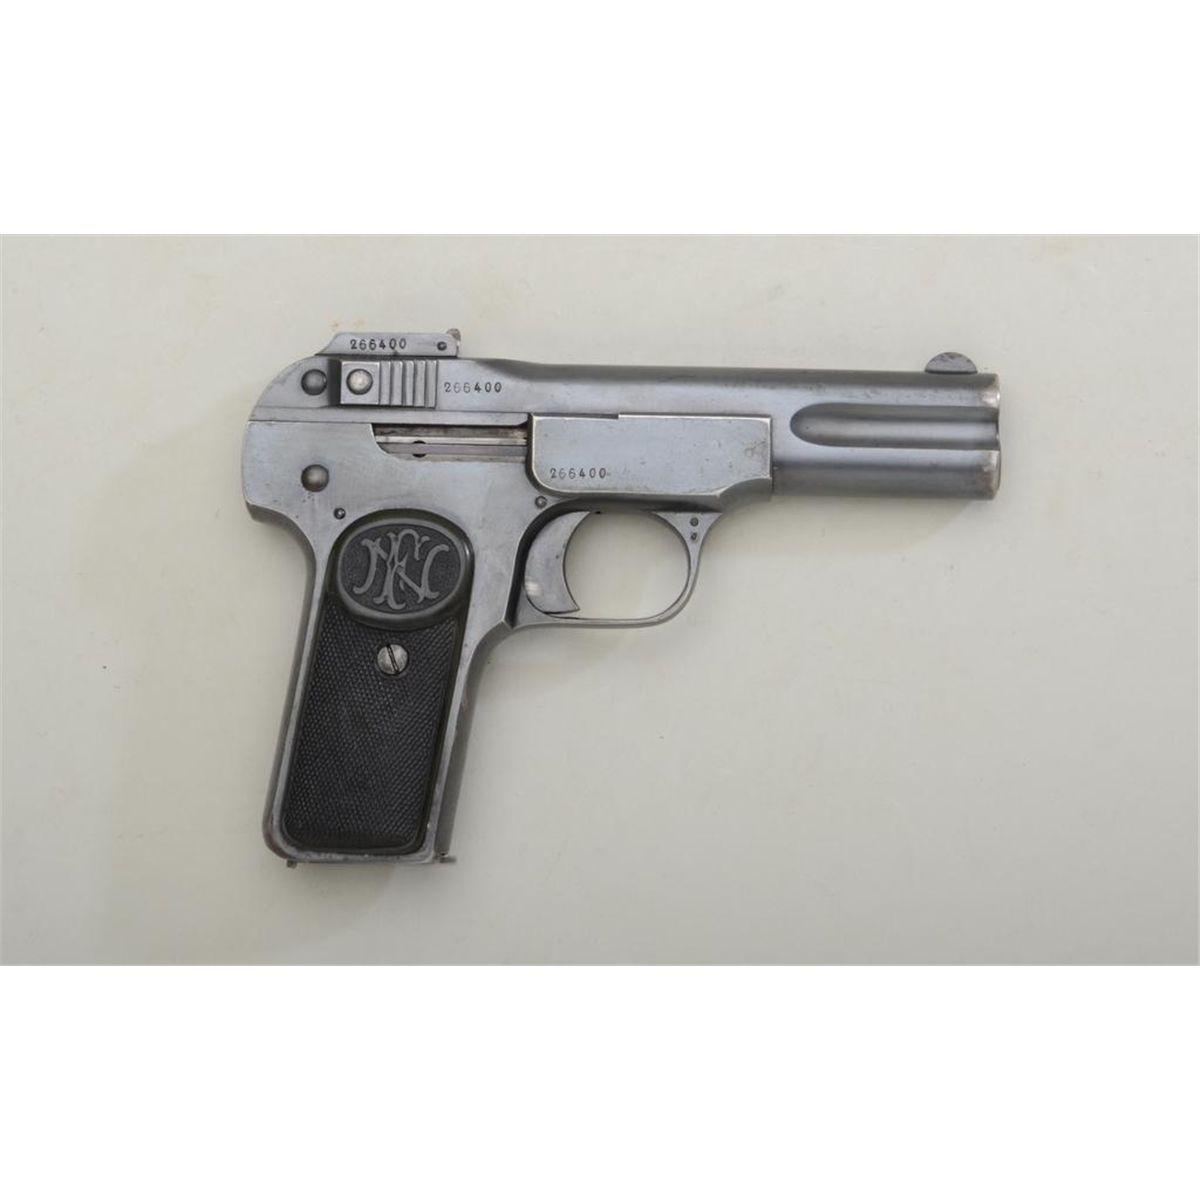 Model 1900 FN .32 caliber pistol for sale.